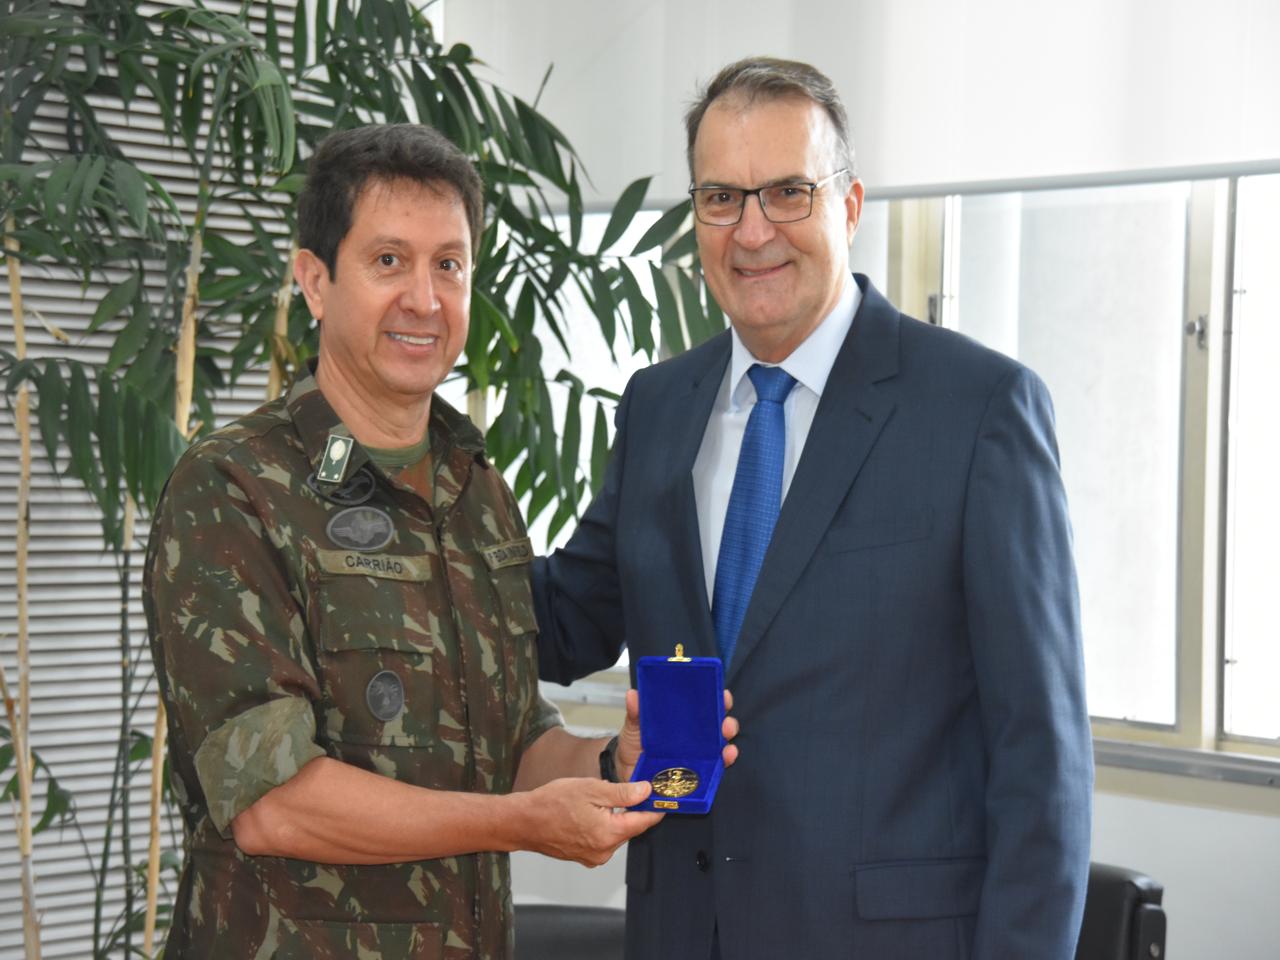 Entrega de Medalha Visitante Ilustre da UFSM ao Comandante da Brigada Niederauer